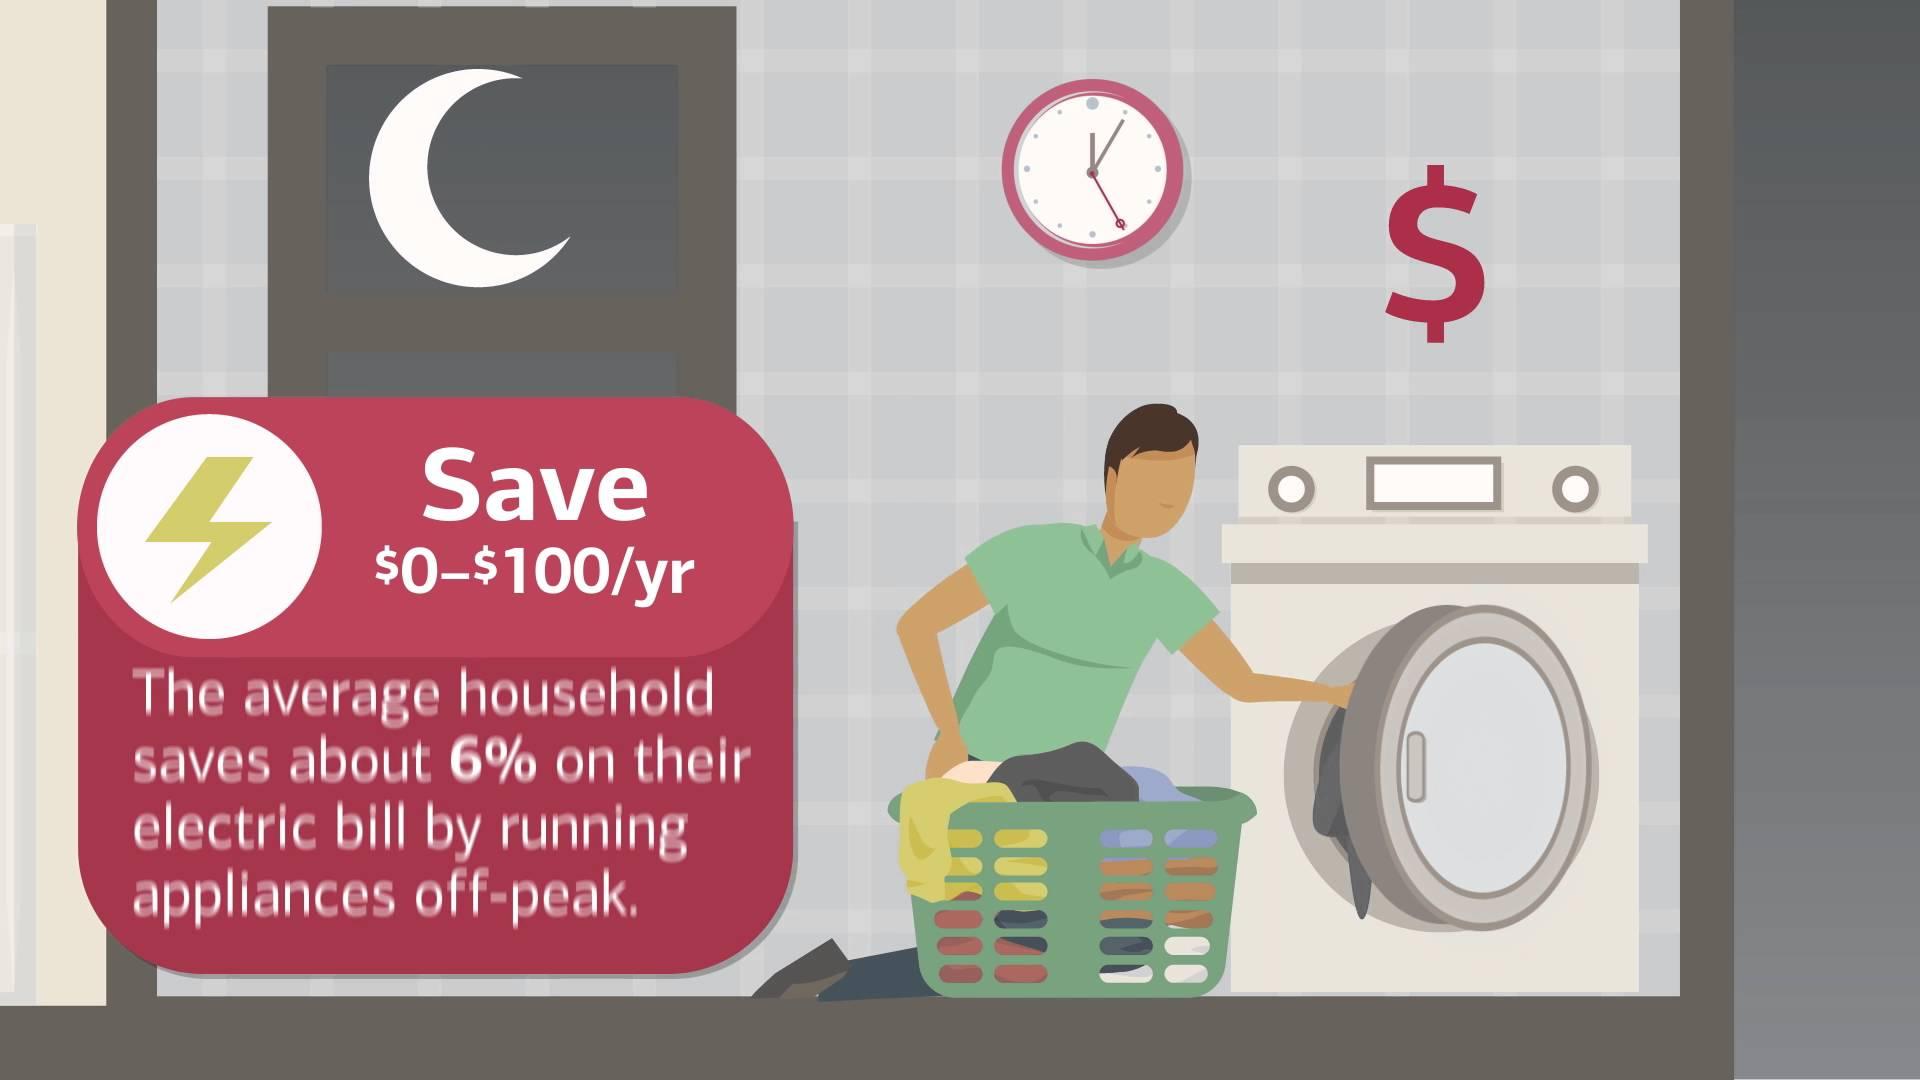 「荷包不再人消瘦!日常省錢妙招讓你的荷包頭好壯壯」- How to Save Money Every Day